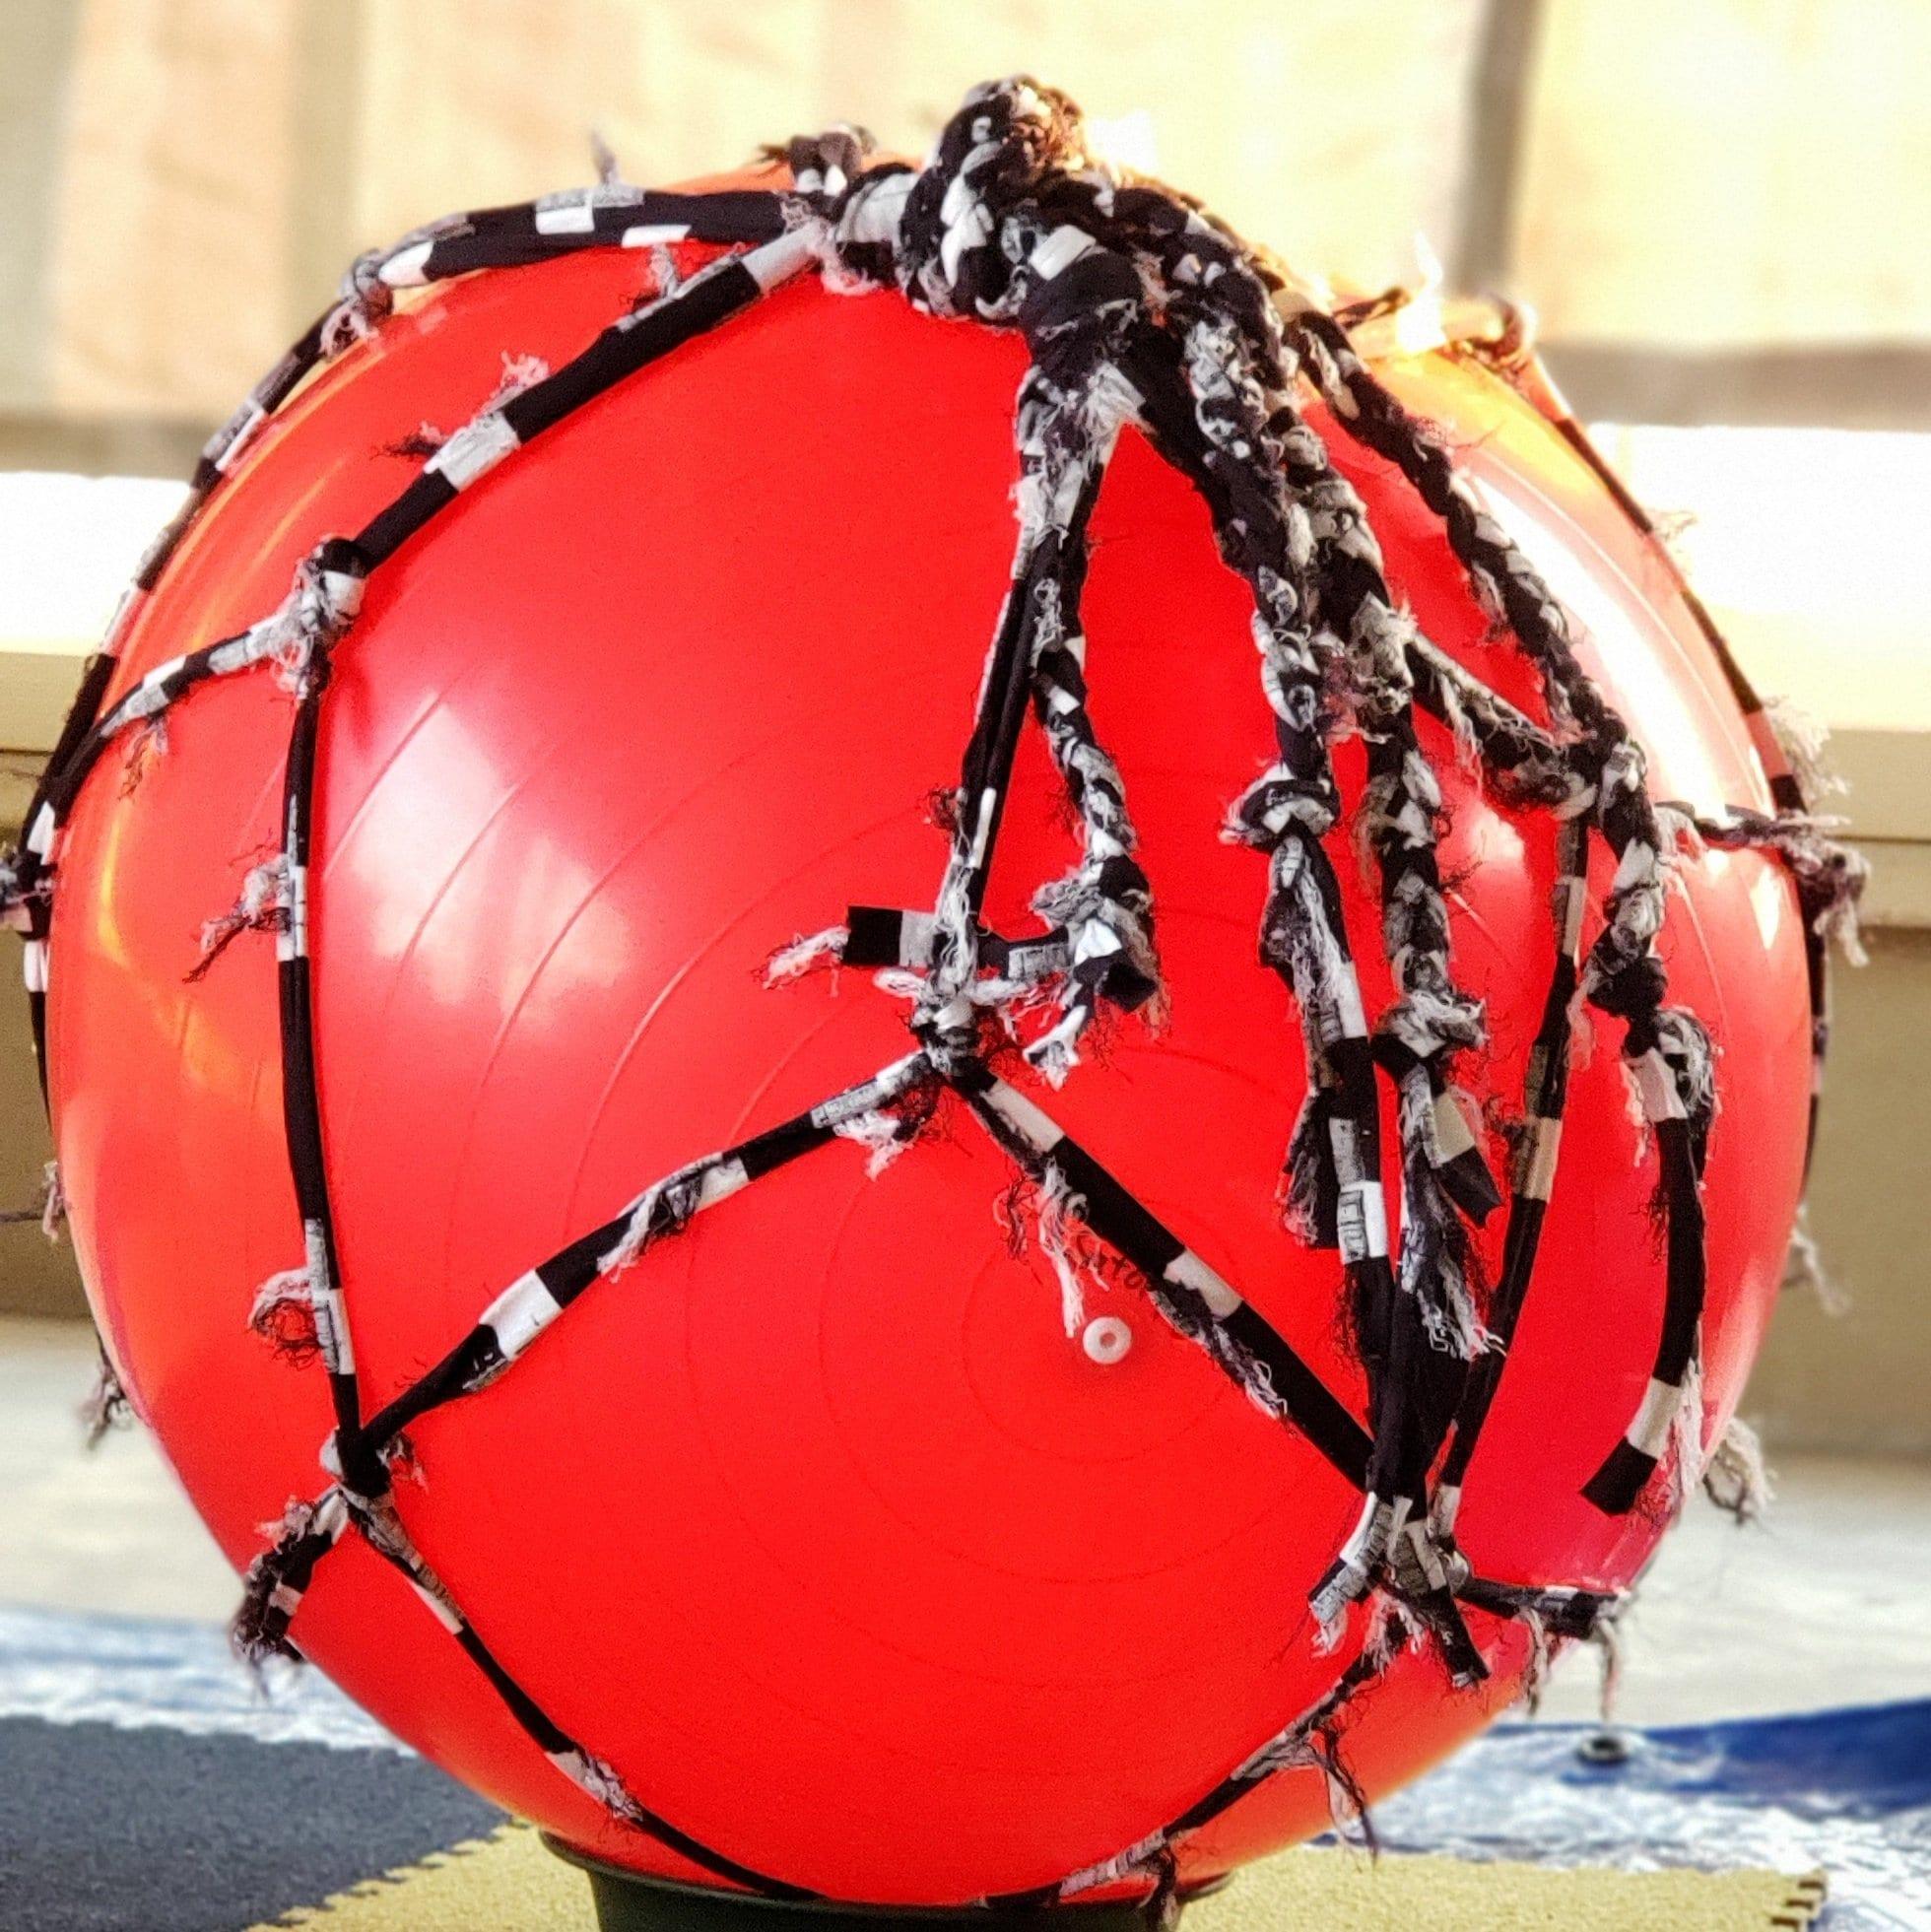 【ボール&ボールネット付き】バランスボールスターターセット!基本をまずは学びましょう@江南市&オンラインのイメージその2